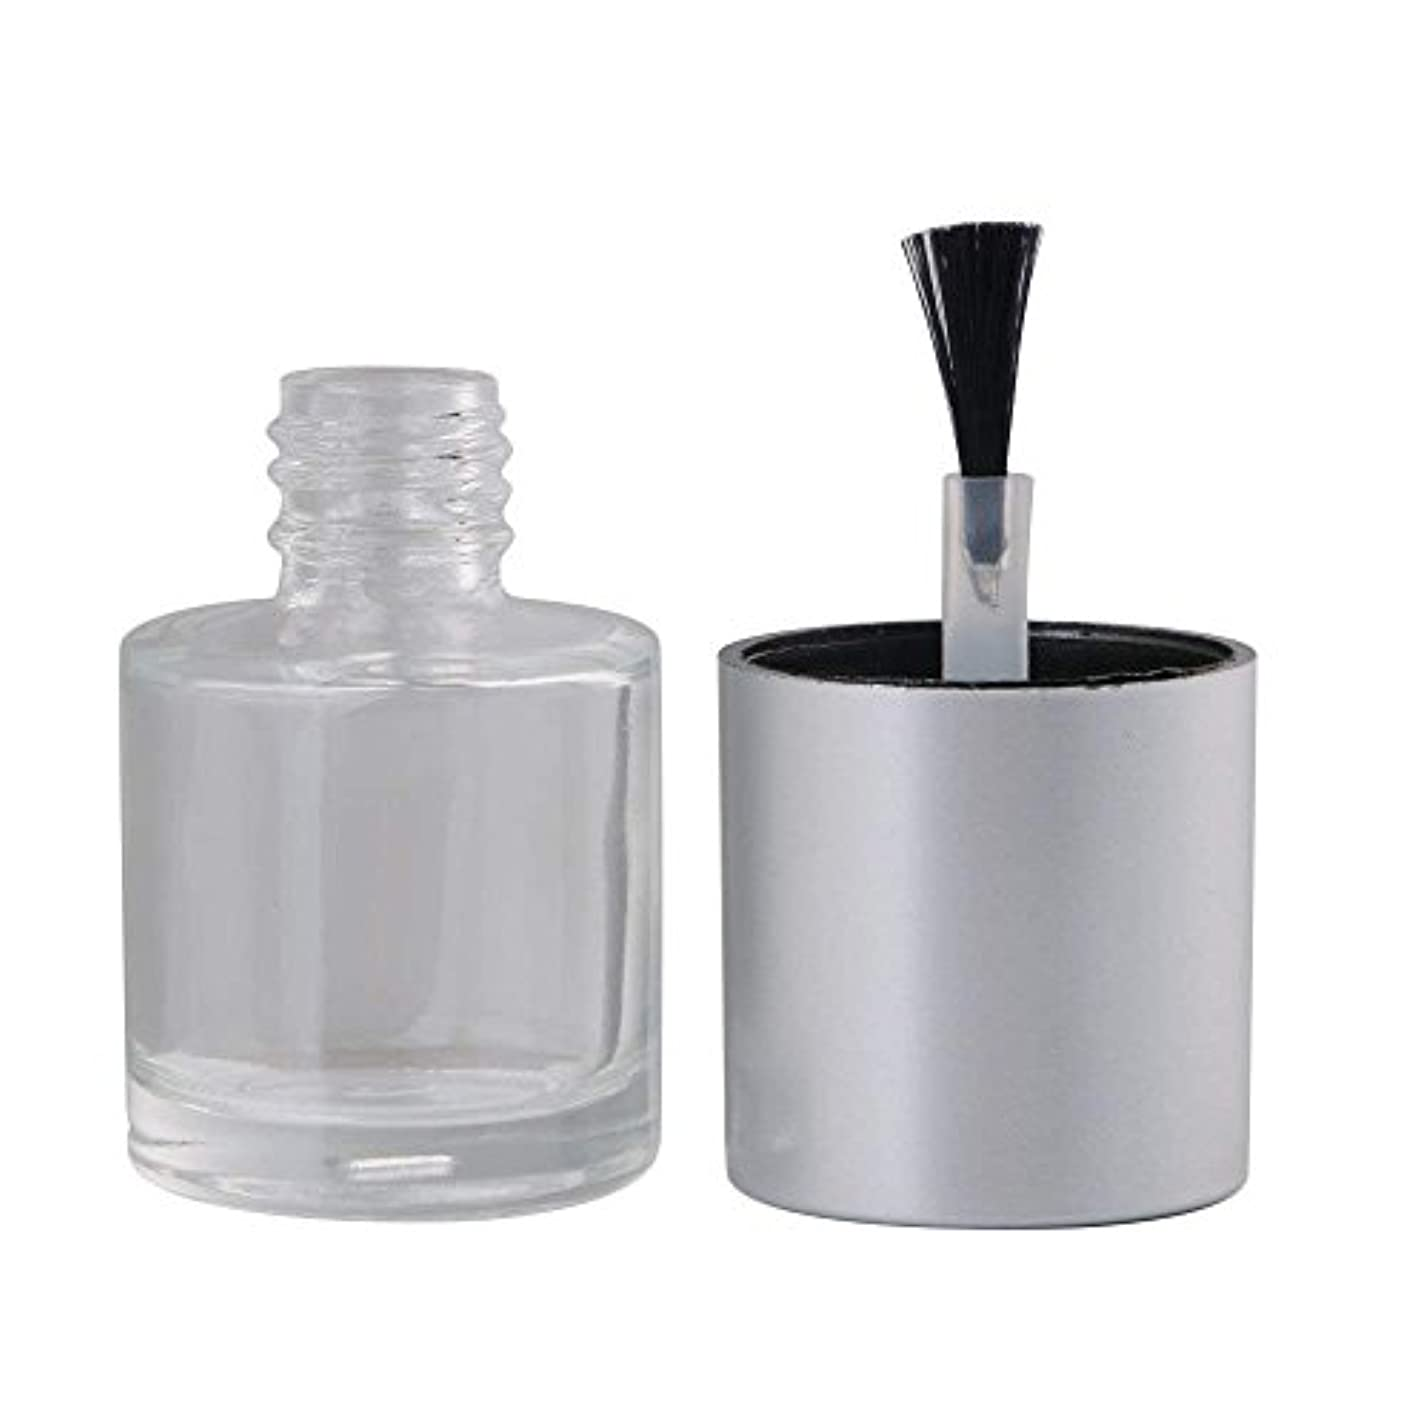 祈るハードリングしたがってDiystyle 10個入 マニキュアボトル 空ボトル 10ml 小分けボトル 詰め替え 化粧品収納 旅行用品 ガラス グレー